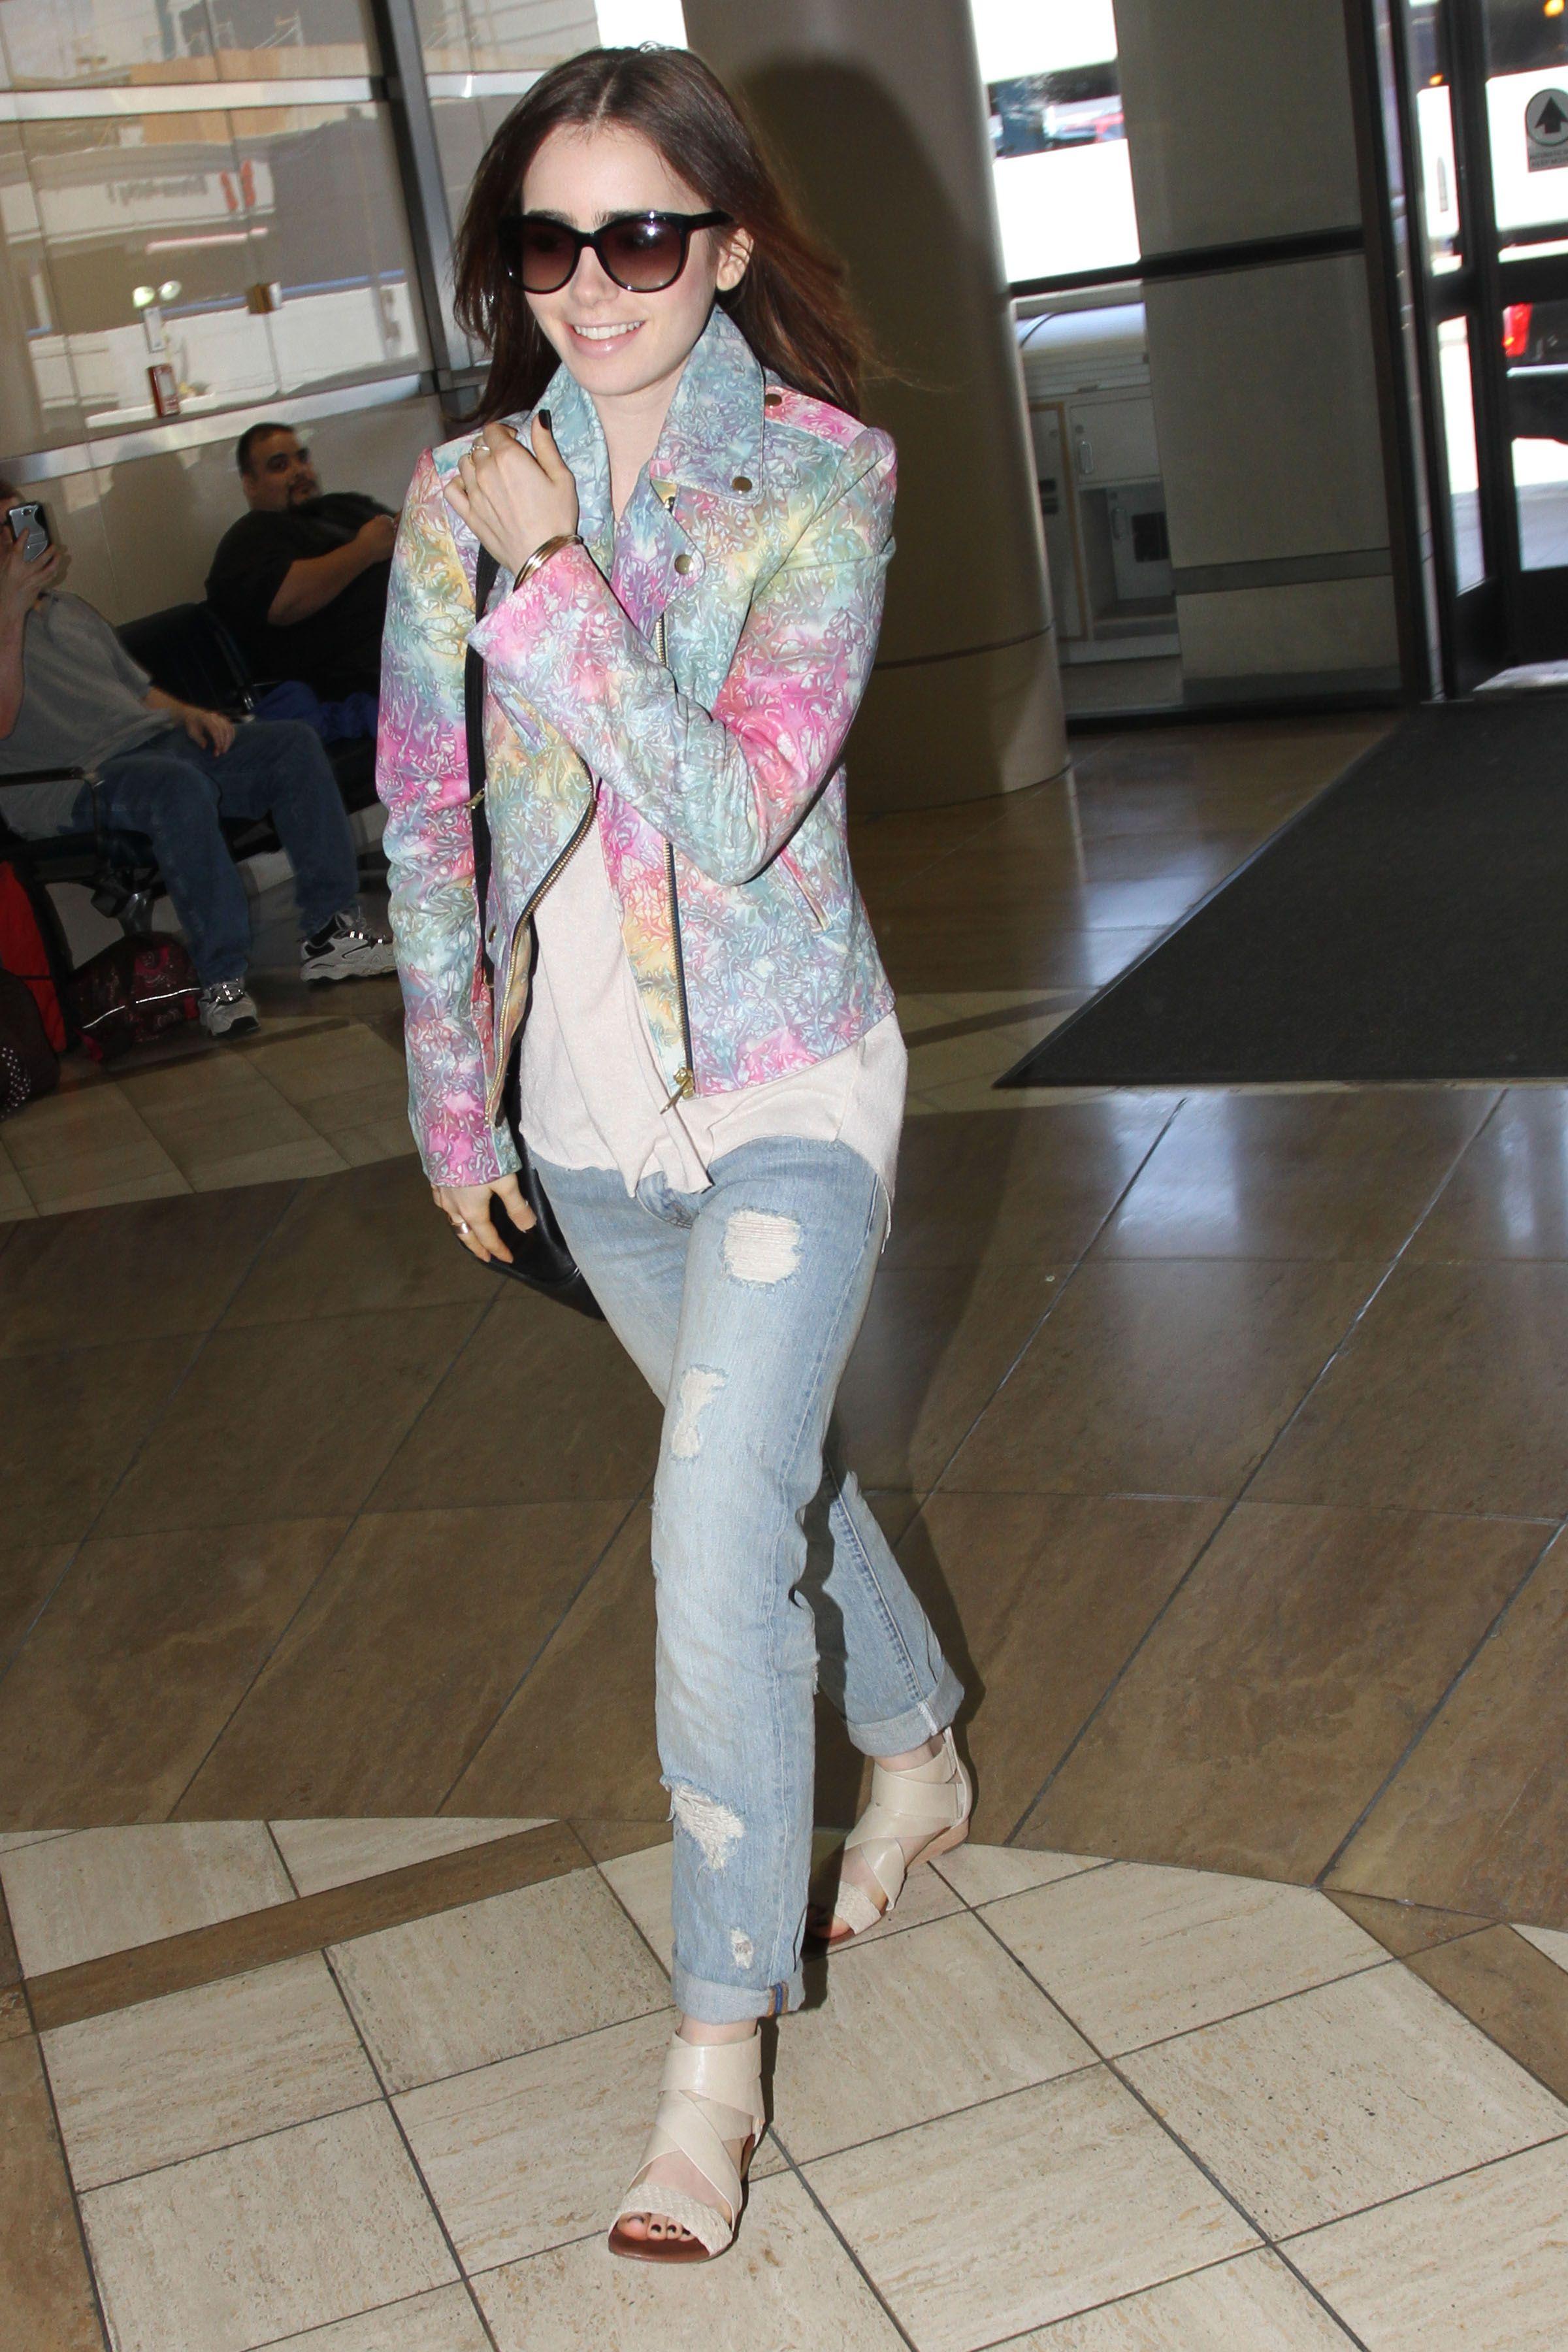 La actriz británica-estadounidense, hija del músico británico Phil Collins aterrizó  el lunes 29 de Julio en el aeropuerto internacional de L.A. luciendo unos vaqueros estilo Boyfriend de Denim & Supply Ralph Lauren.